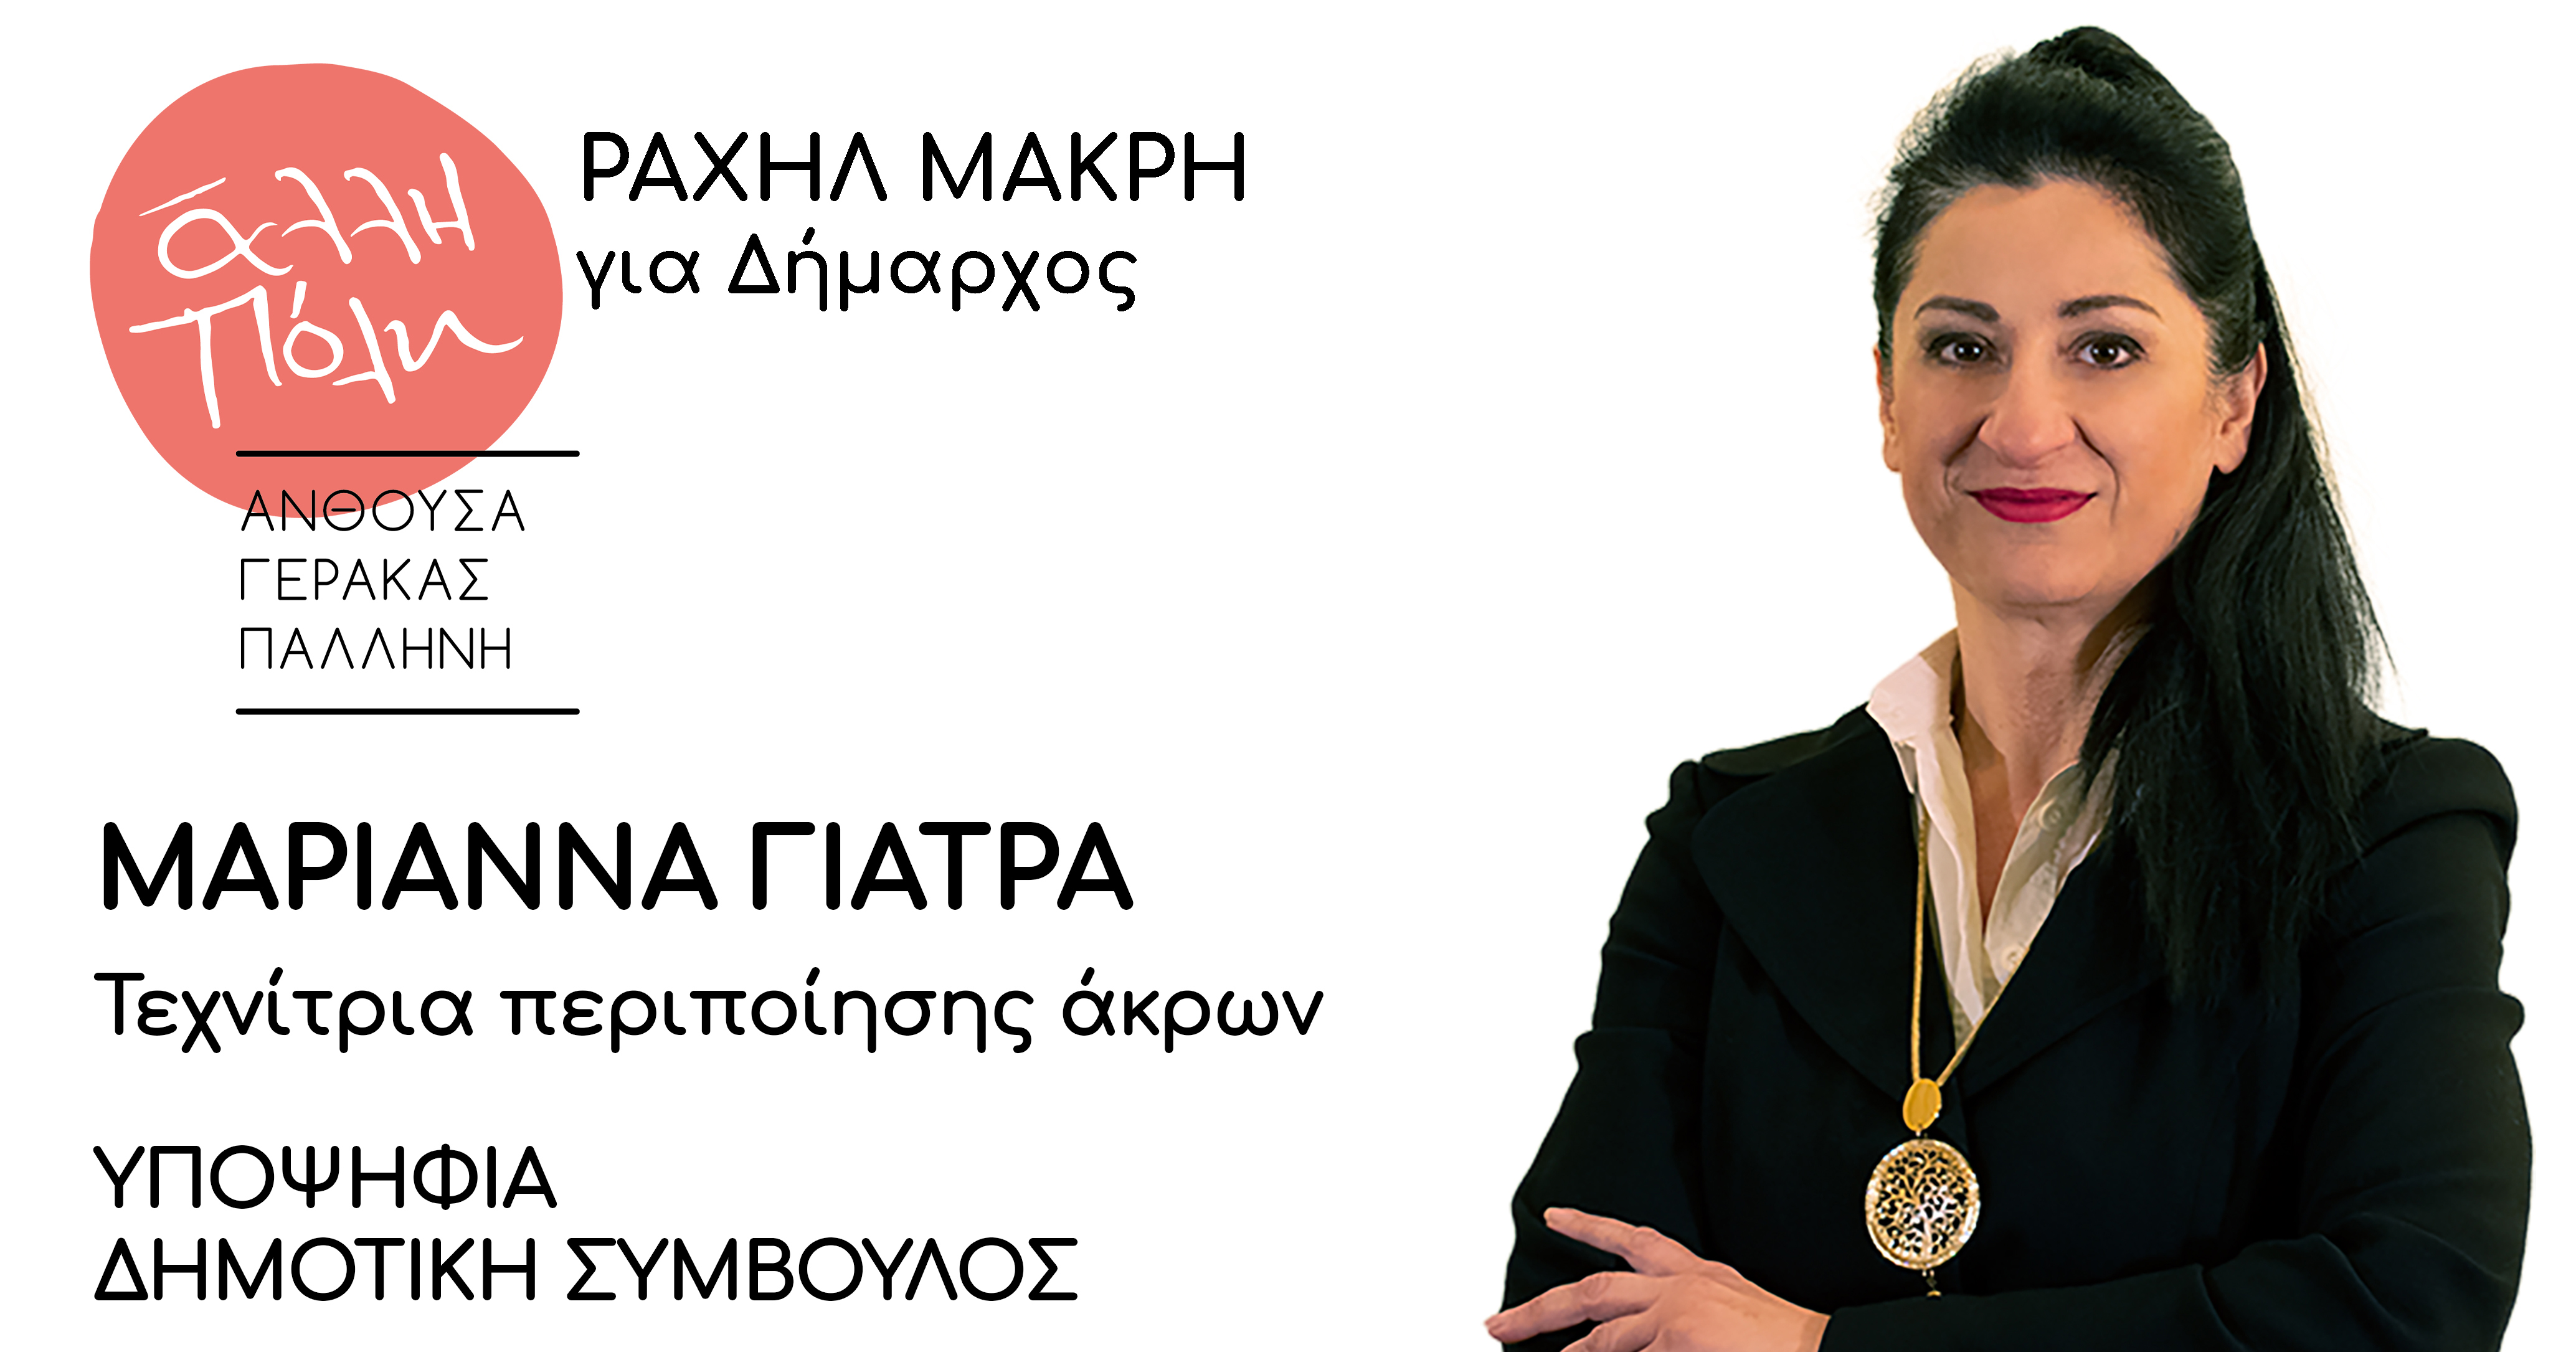 Υποψήφια Δημοτική Σύμβουλος – Μαριάννα Γιατρά